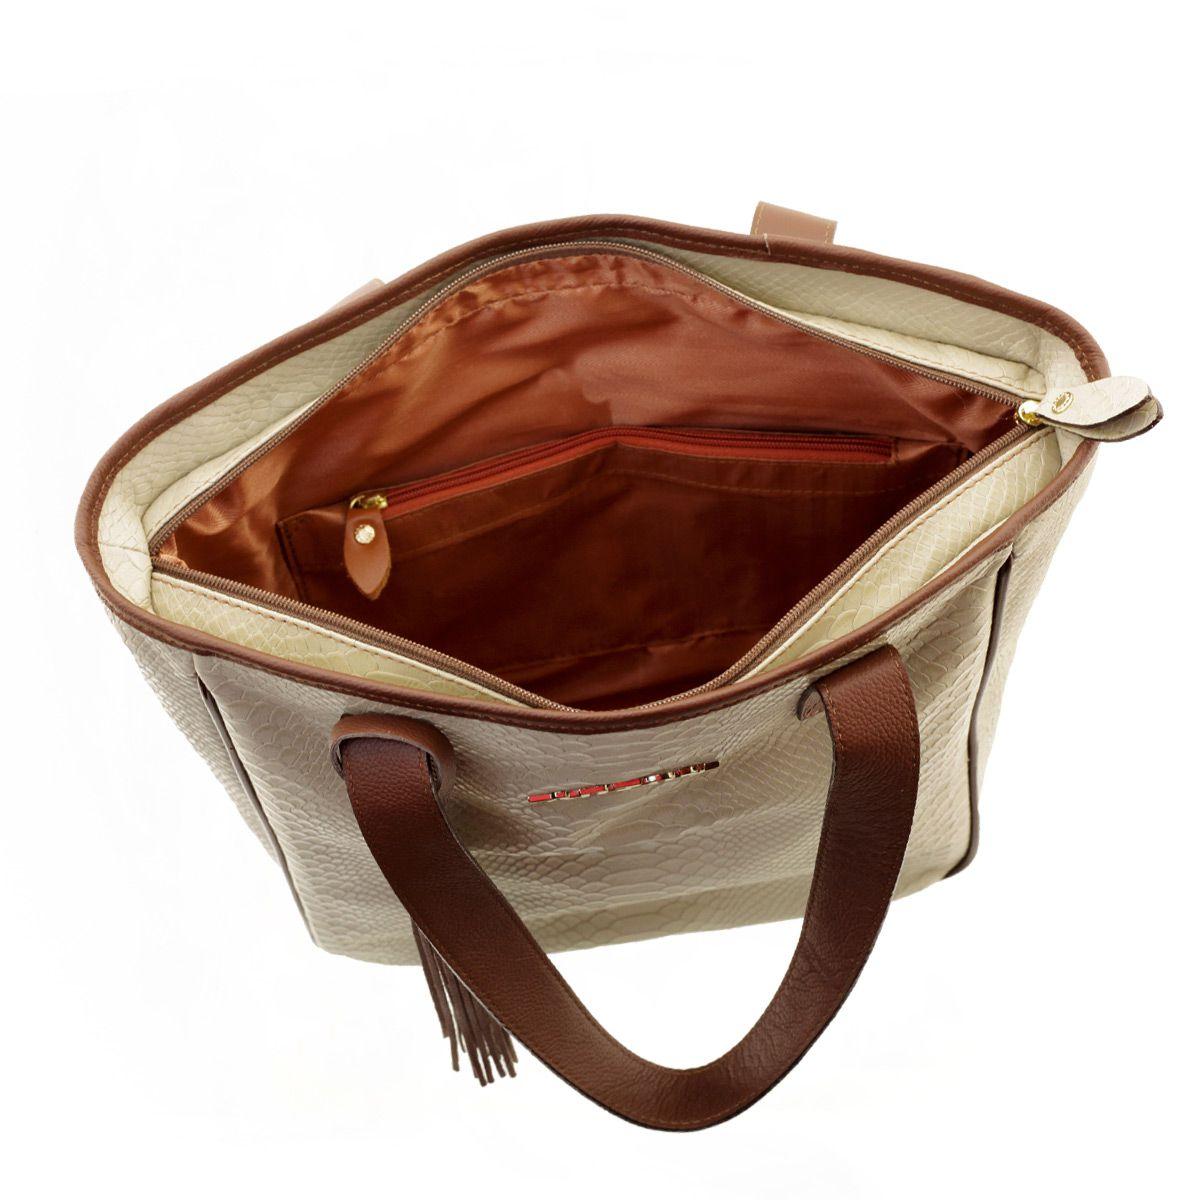 Bolsa Sacola Couro Areia com Chocolate